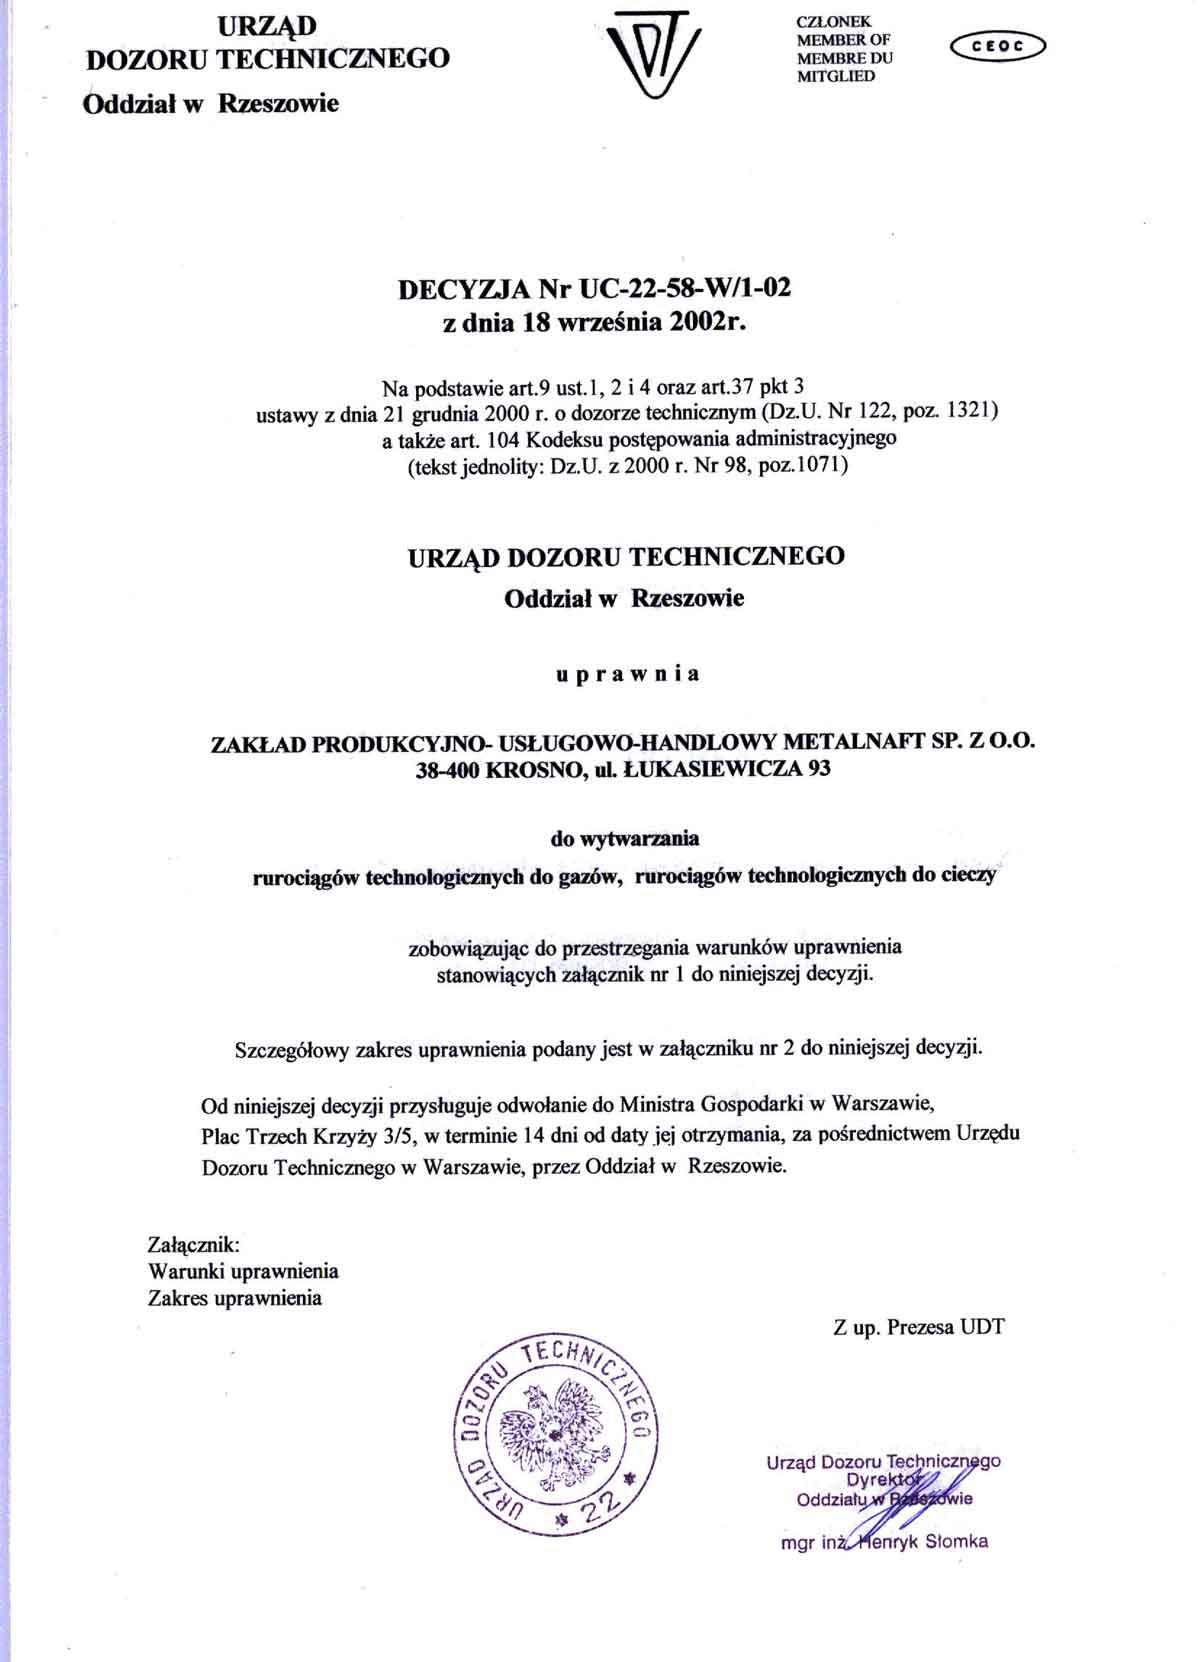 Uprawnienia UDT do wytwarzania rurociągów technologicznych